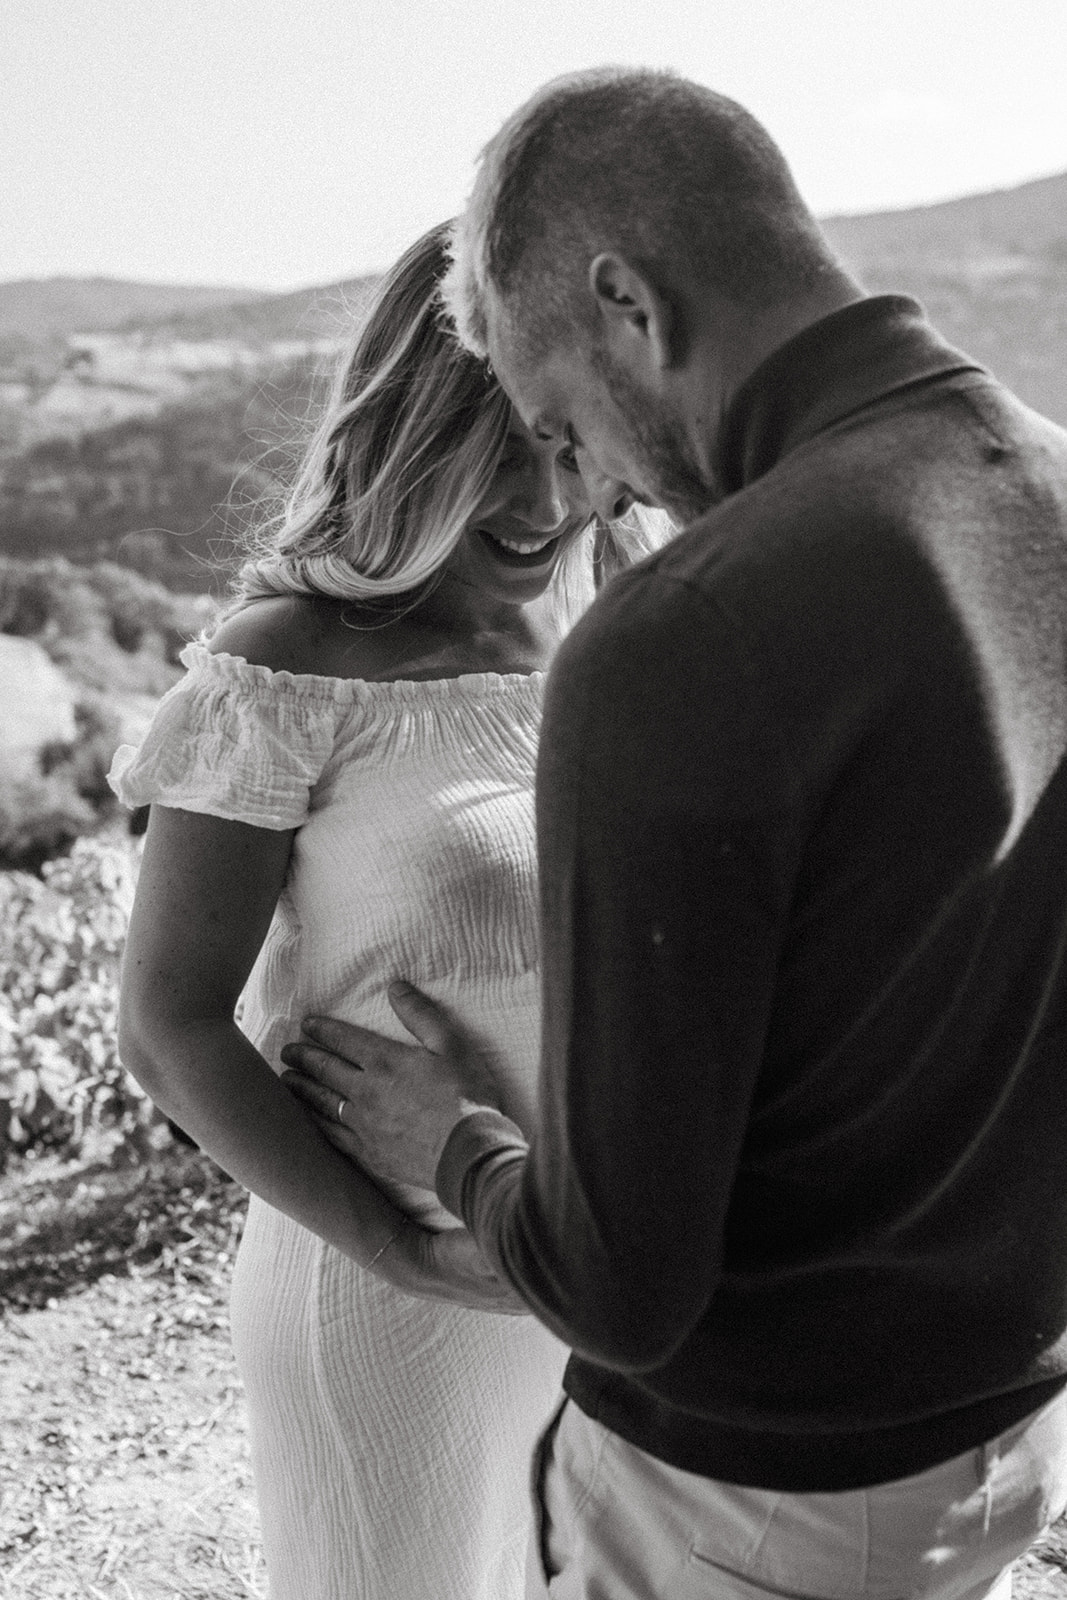 UTOPICLOVERS20200915 – LPP EDITO 38168 - Une séance maternité romantique pour Les Petits Pamplemousses.